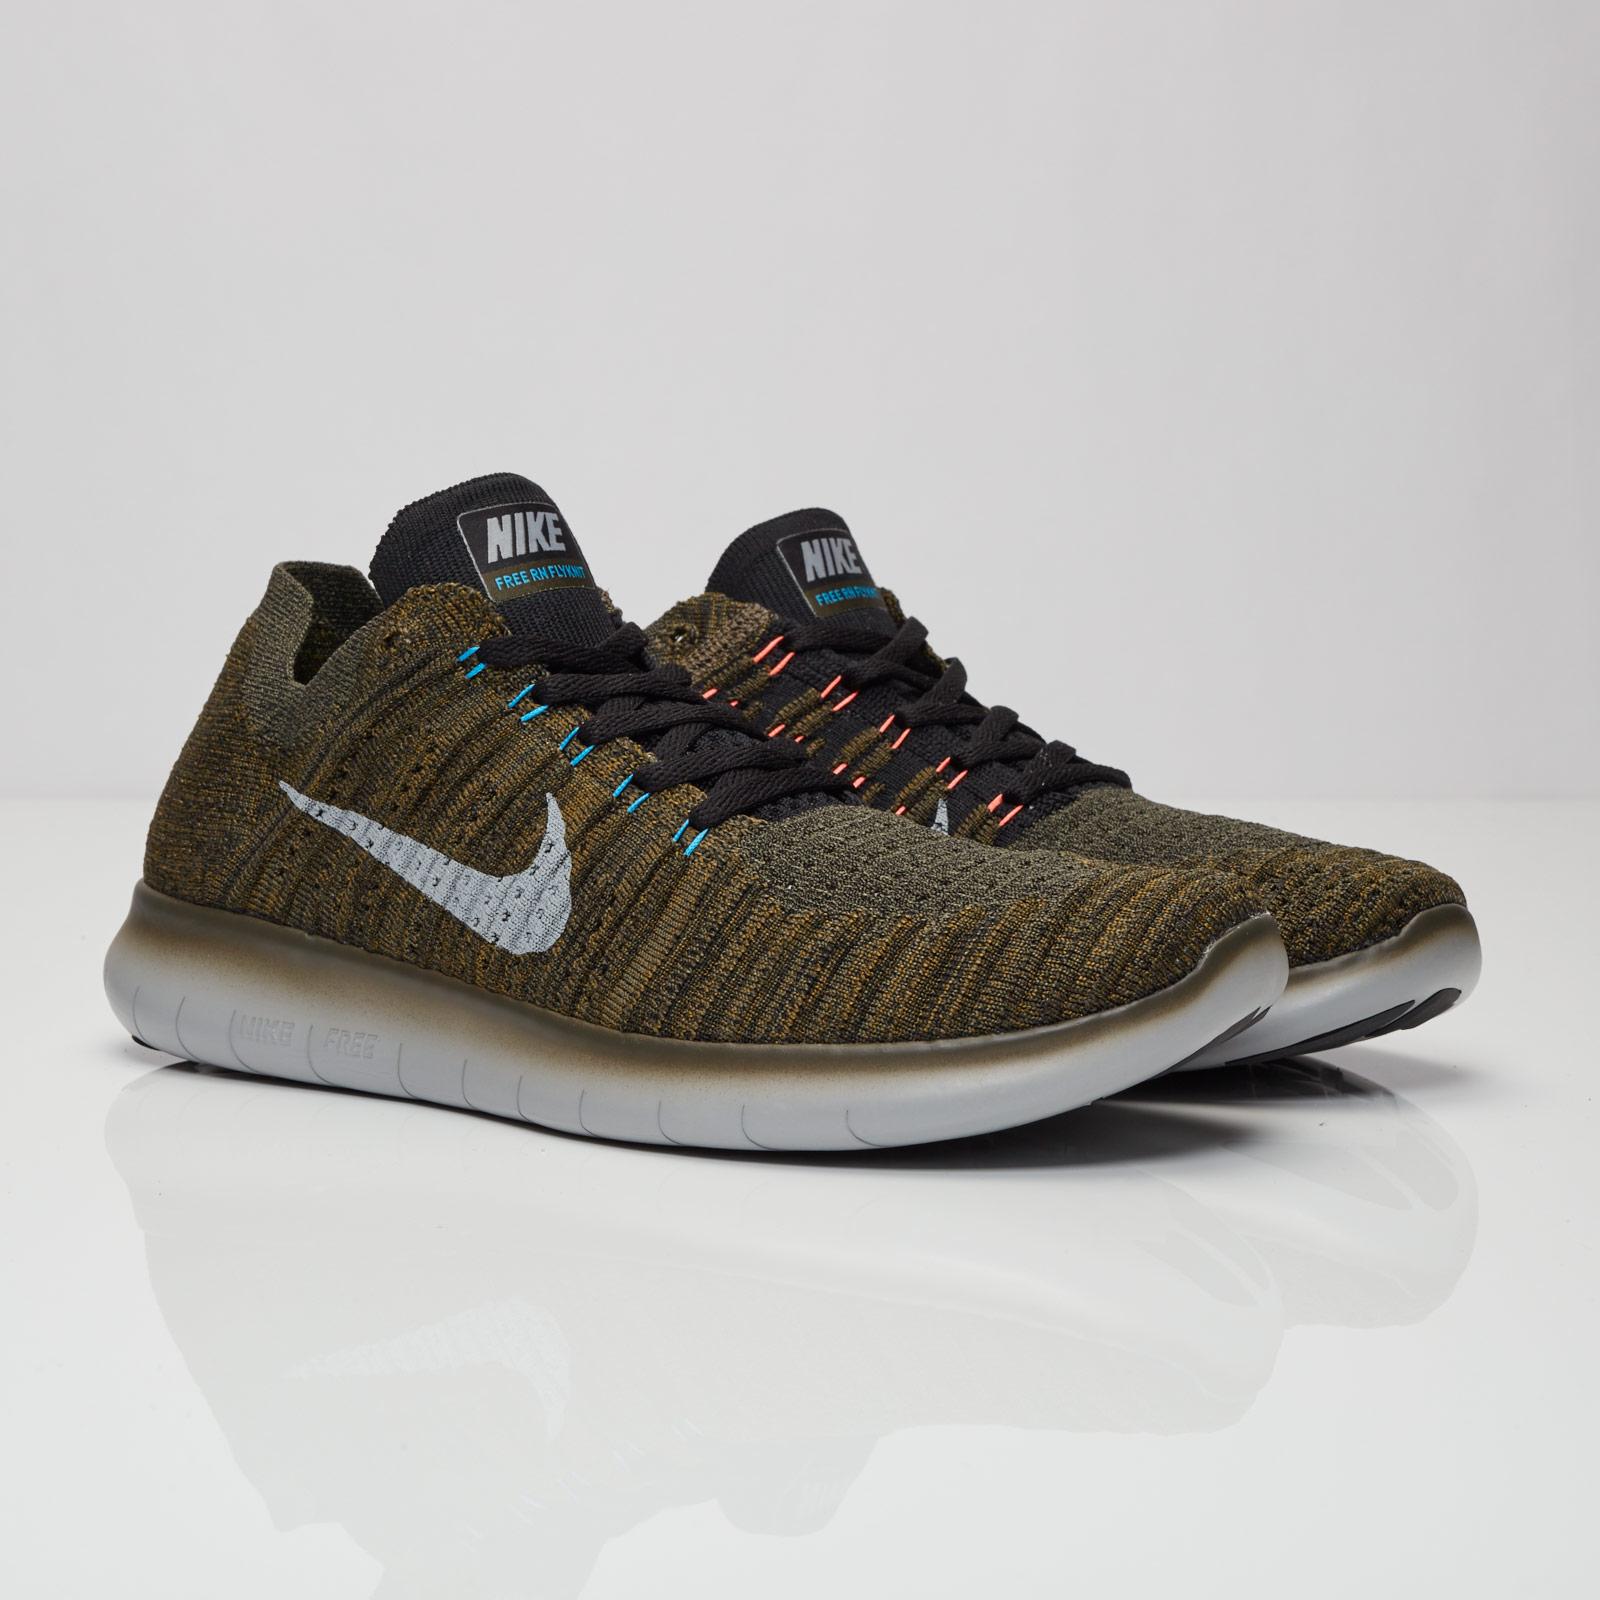 Nike Free RN Flyknit beige